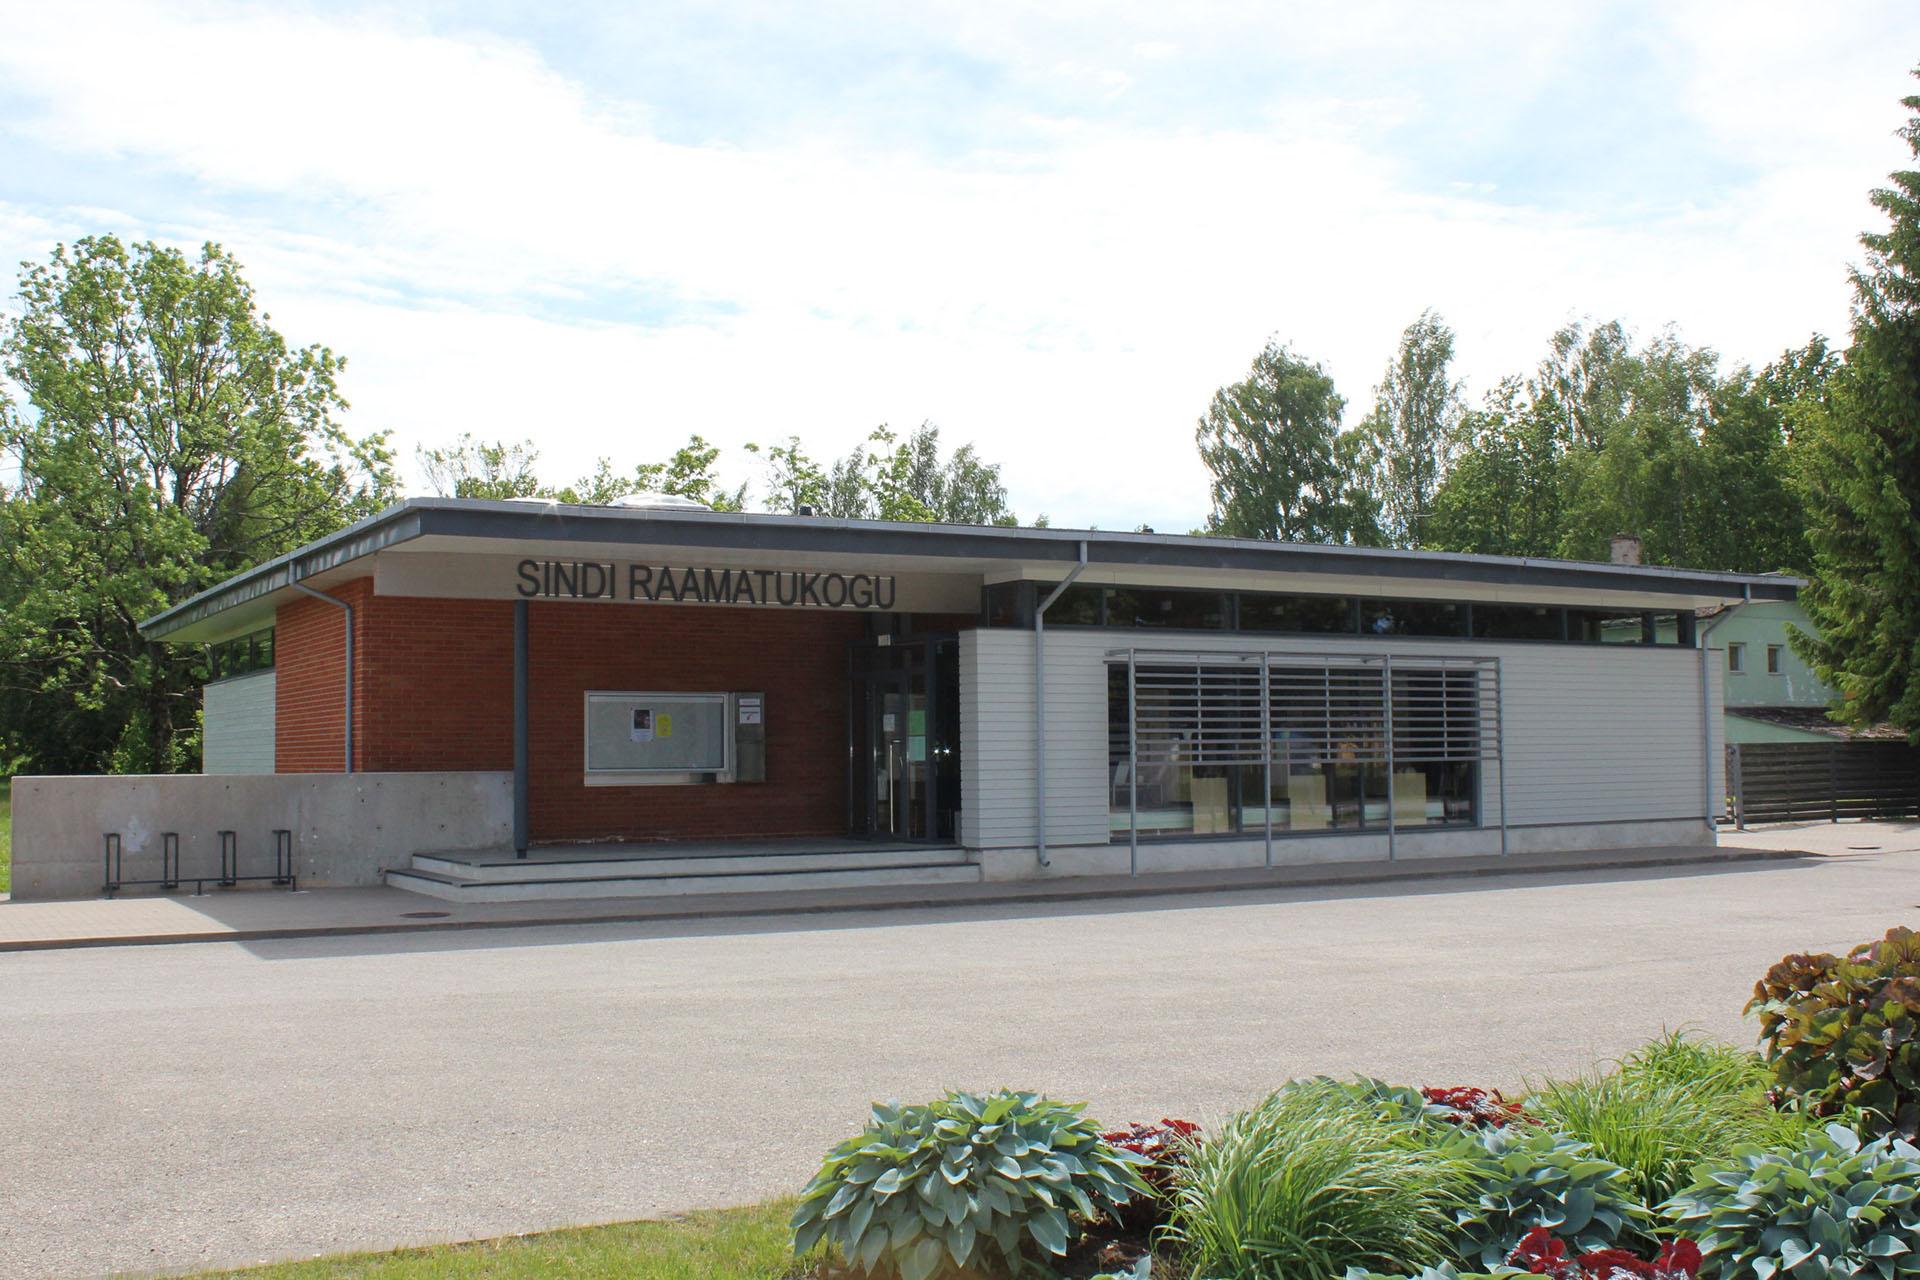 Sindi raamatukogu (2)